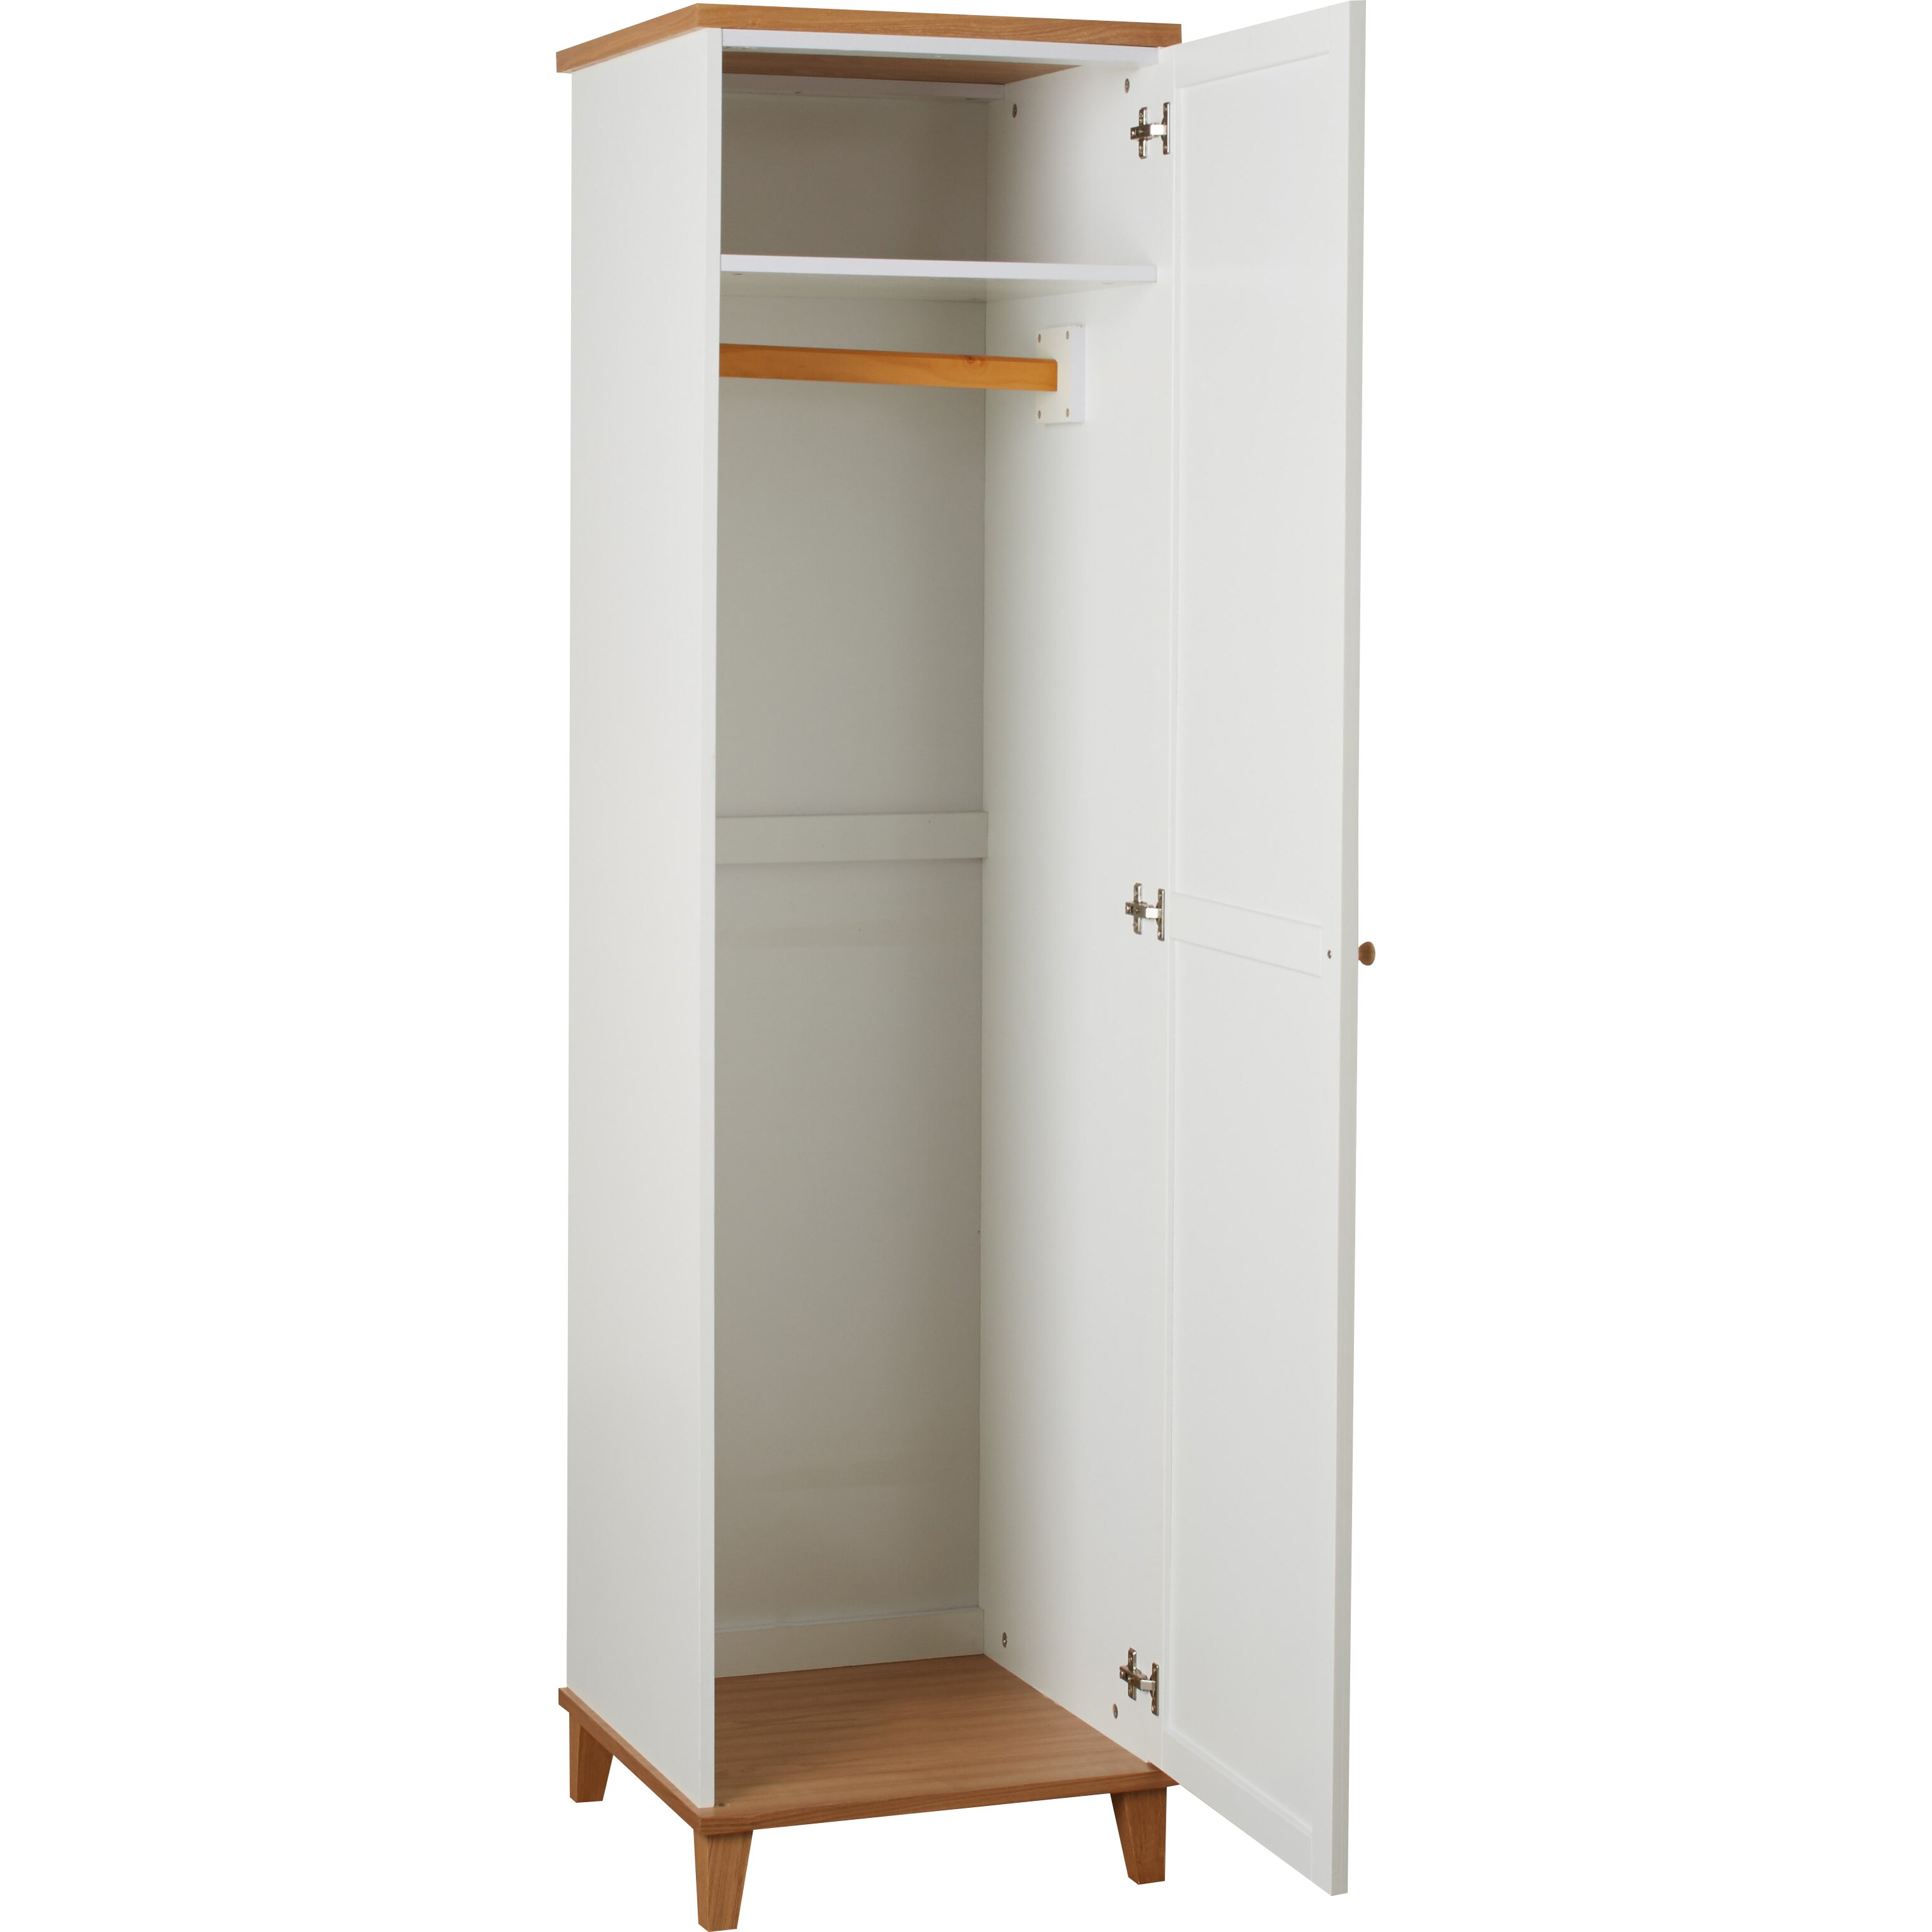 Cheshire Single Door 2 Drawer Wardrobe